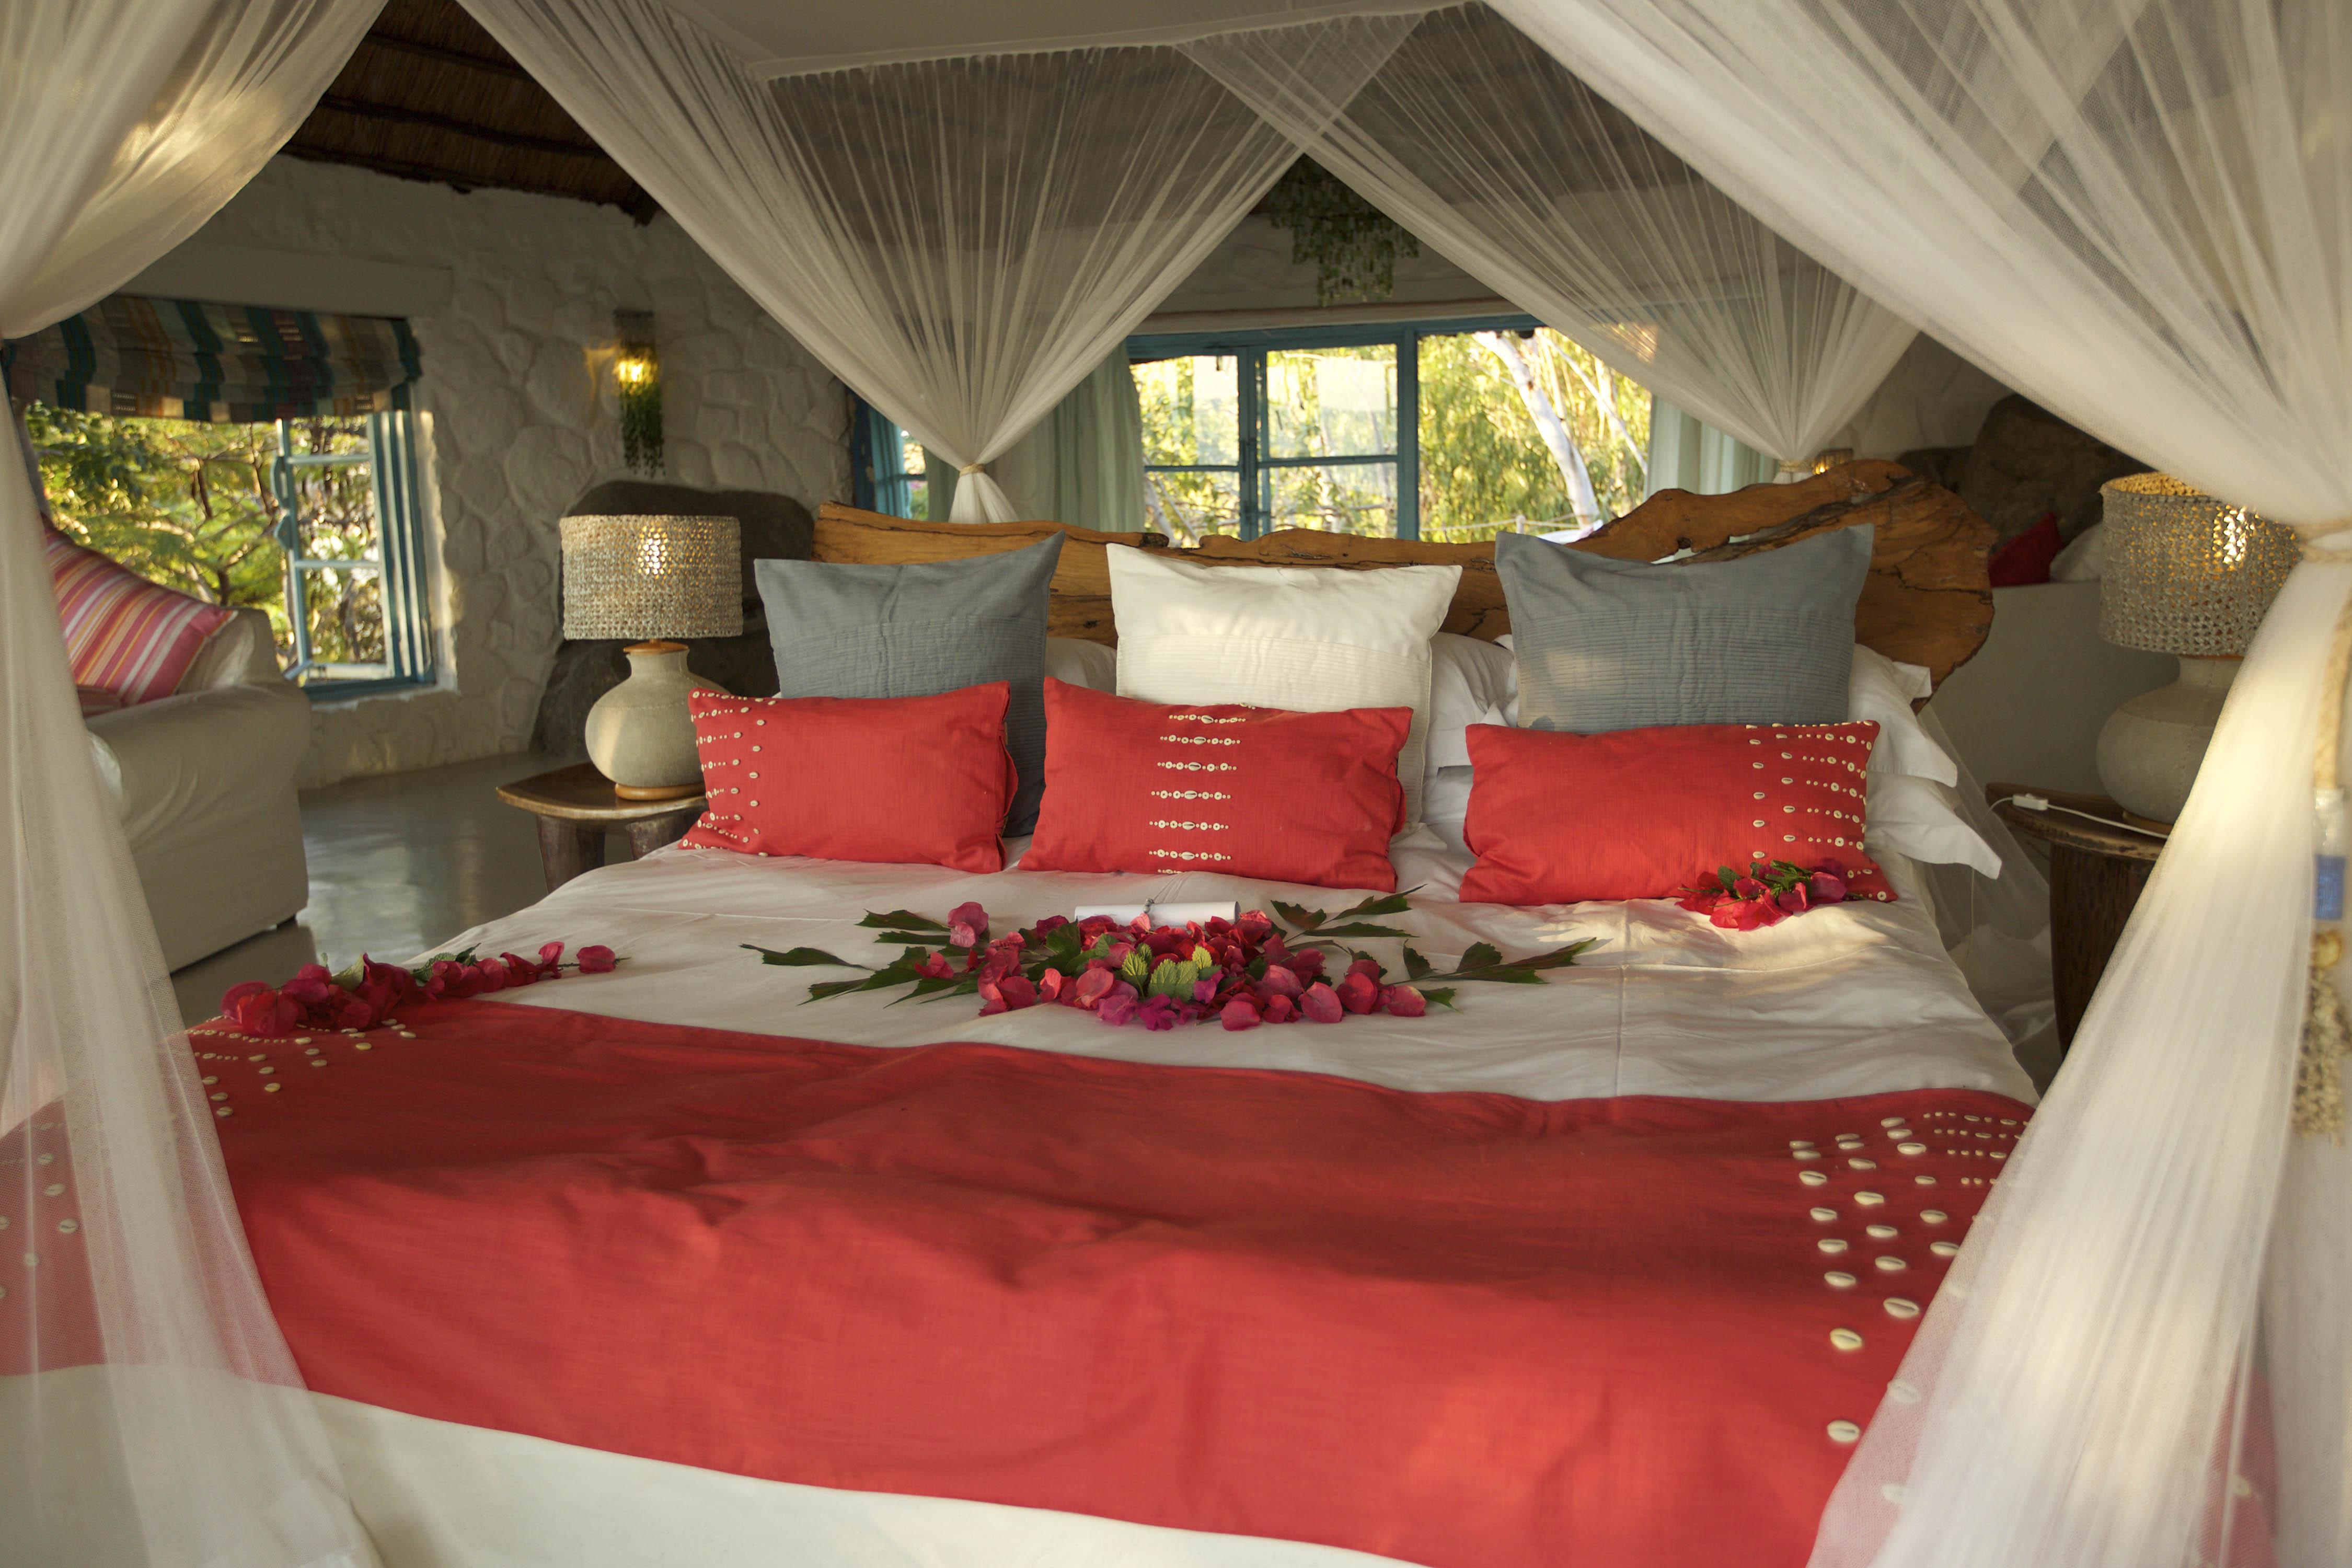 kaya mawa beaded textiles bed throw